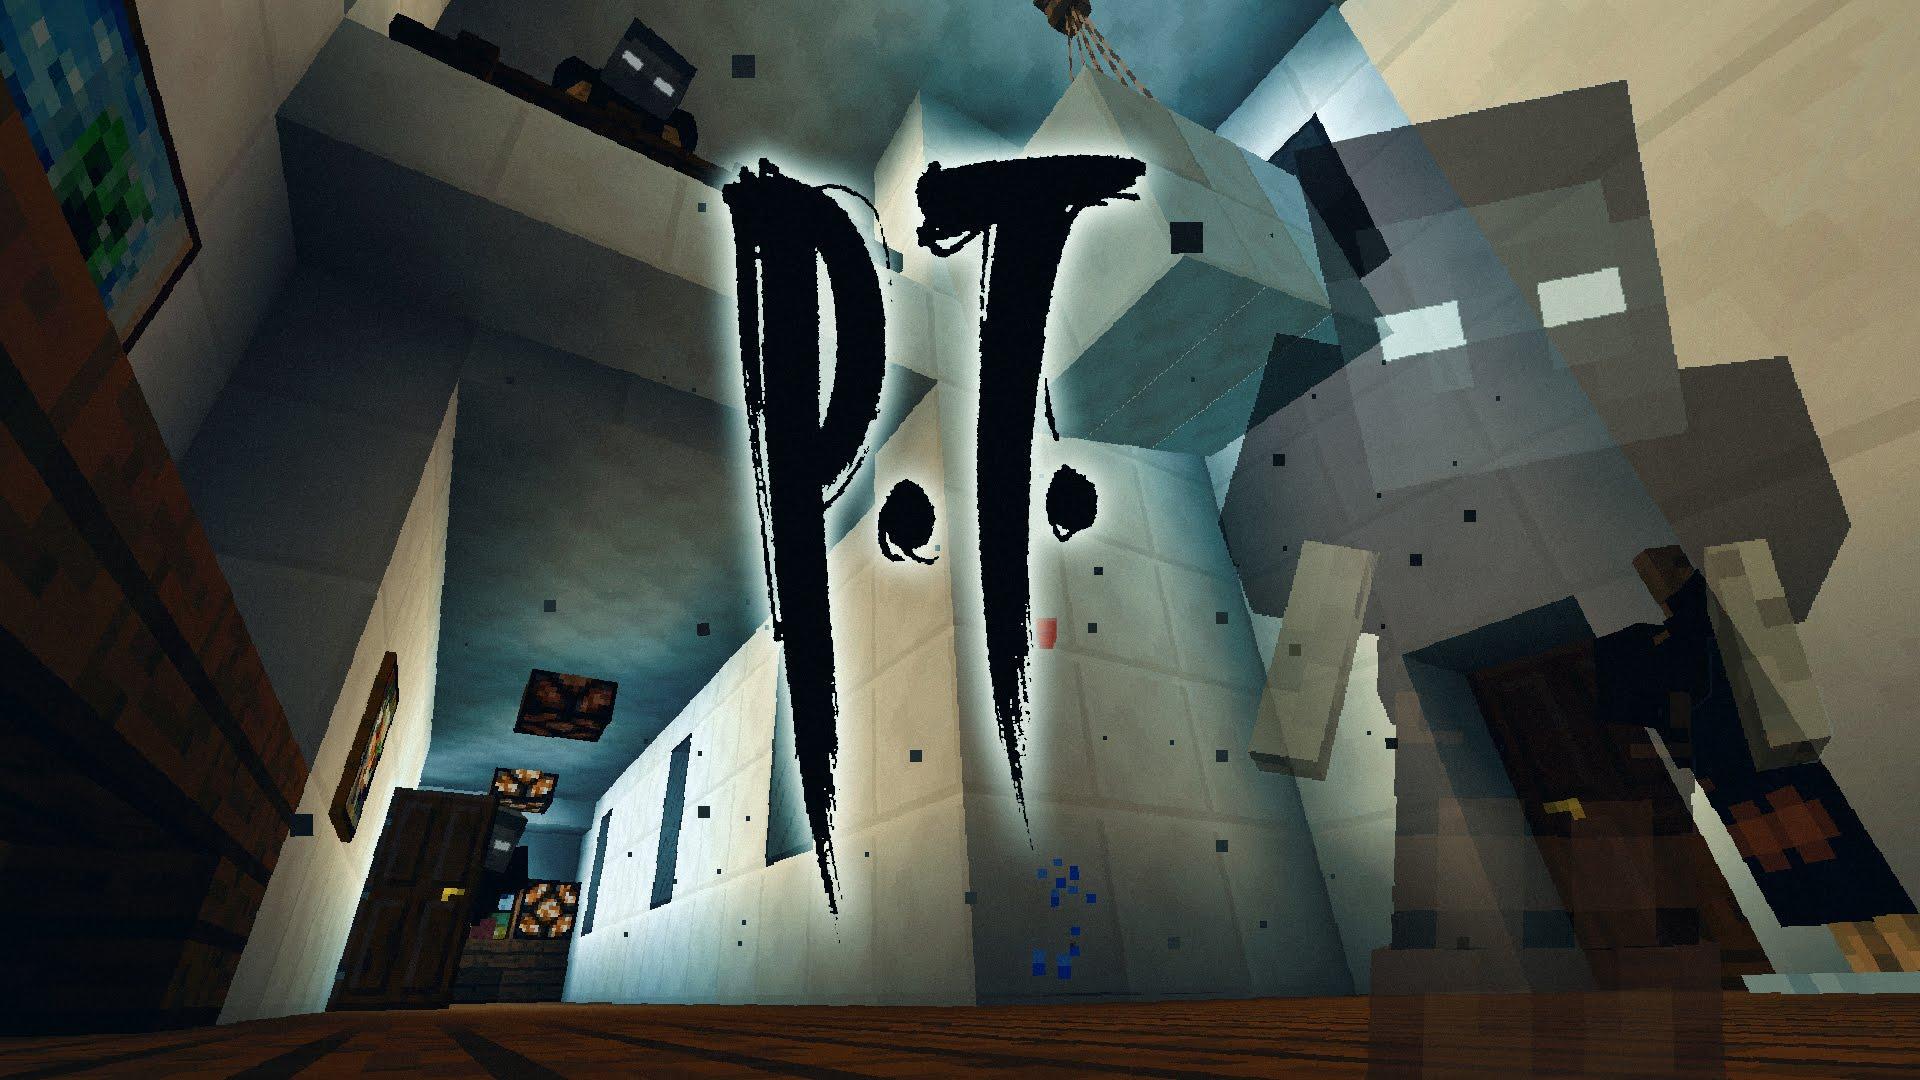 Pt minecraft